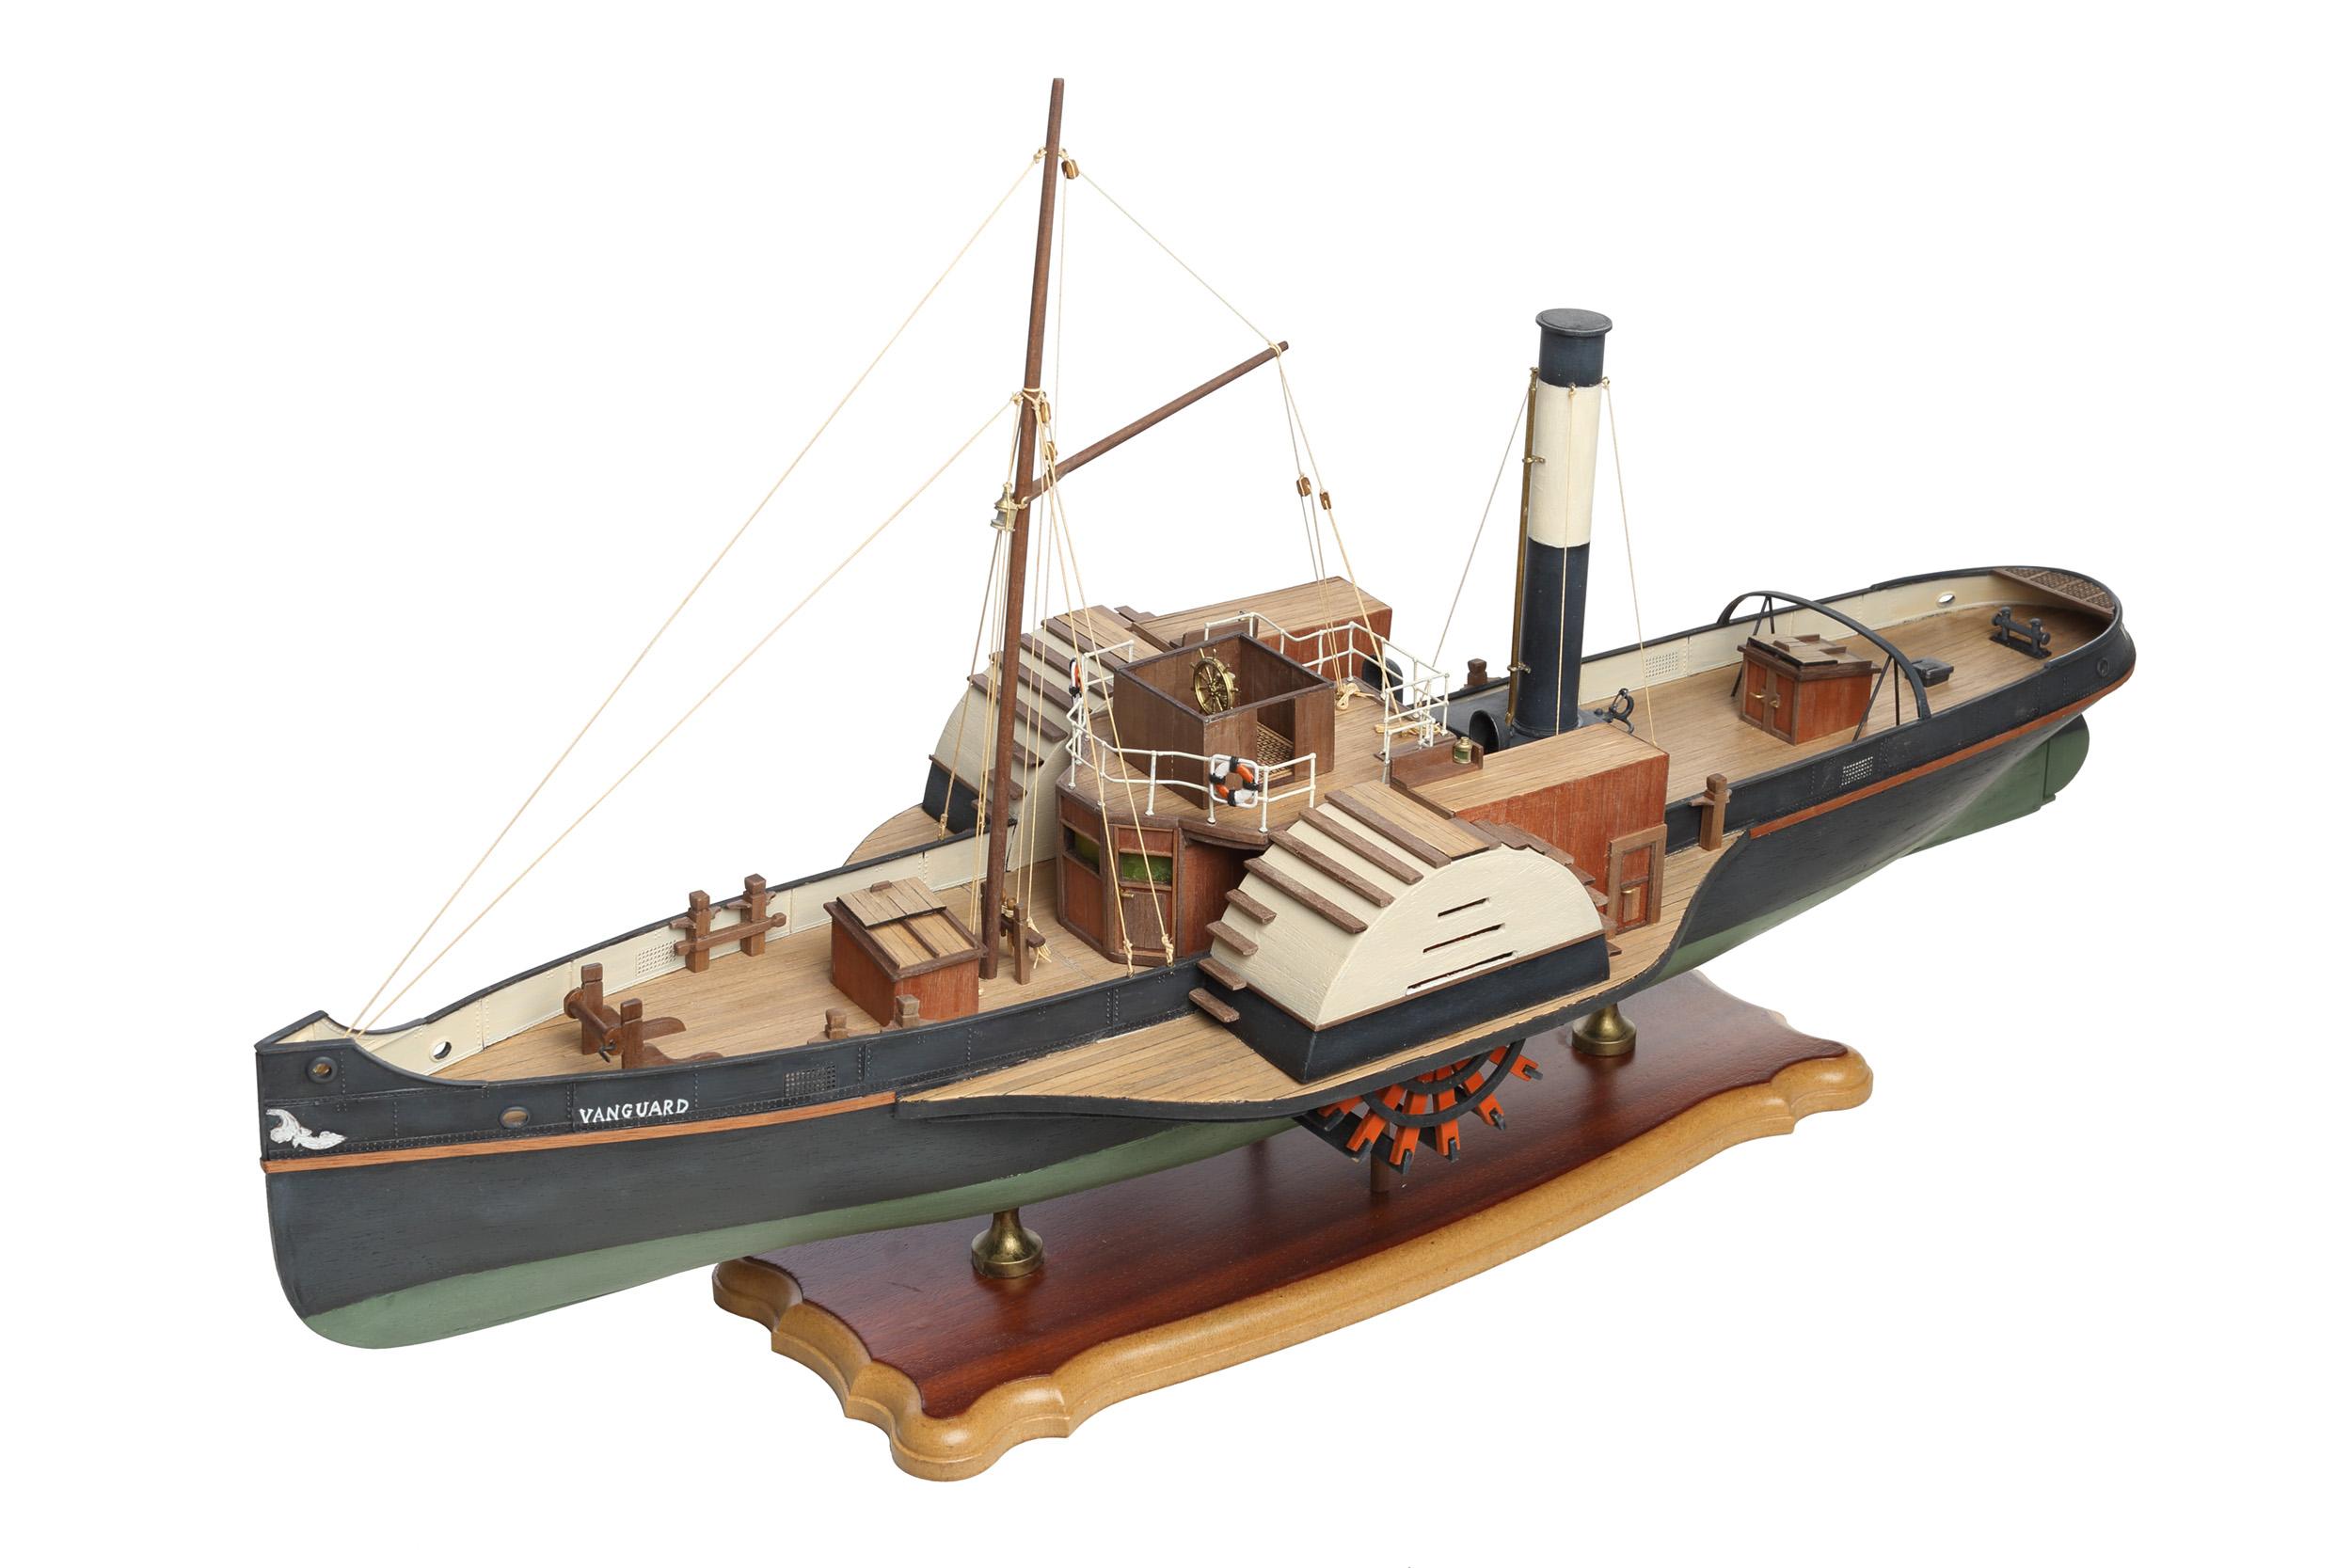 ヴァンガード(タグボート)画像